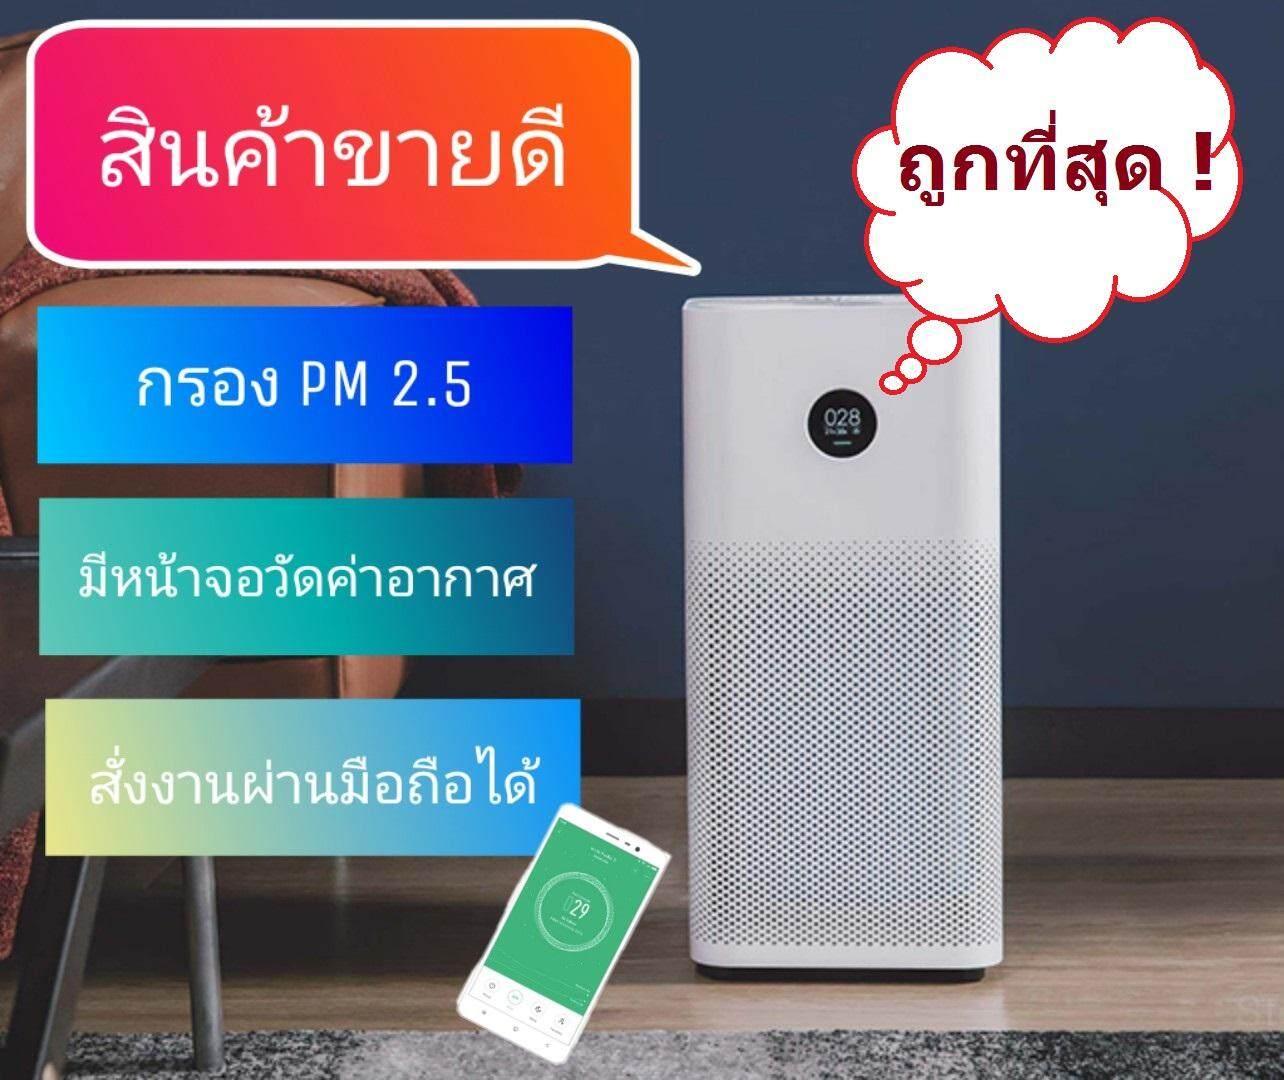 ยี่ห้อนี้ดีไหม  แม่ฮ่องสอน   พร้อมส่ง   เครื่องฟอกอากาศ XiaoMi Pro กรอง PM2.5 ได้อย่างมีประสิทธิภาพ สำหรับห้อง 35-60 ตรม   รับประกัน 3 เดือน